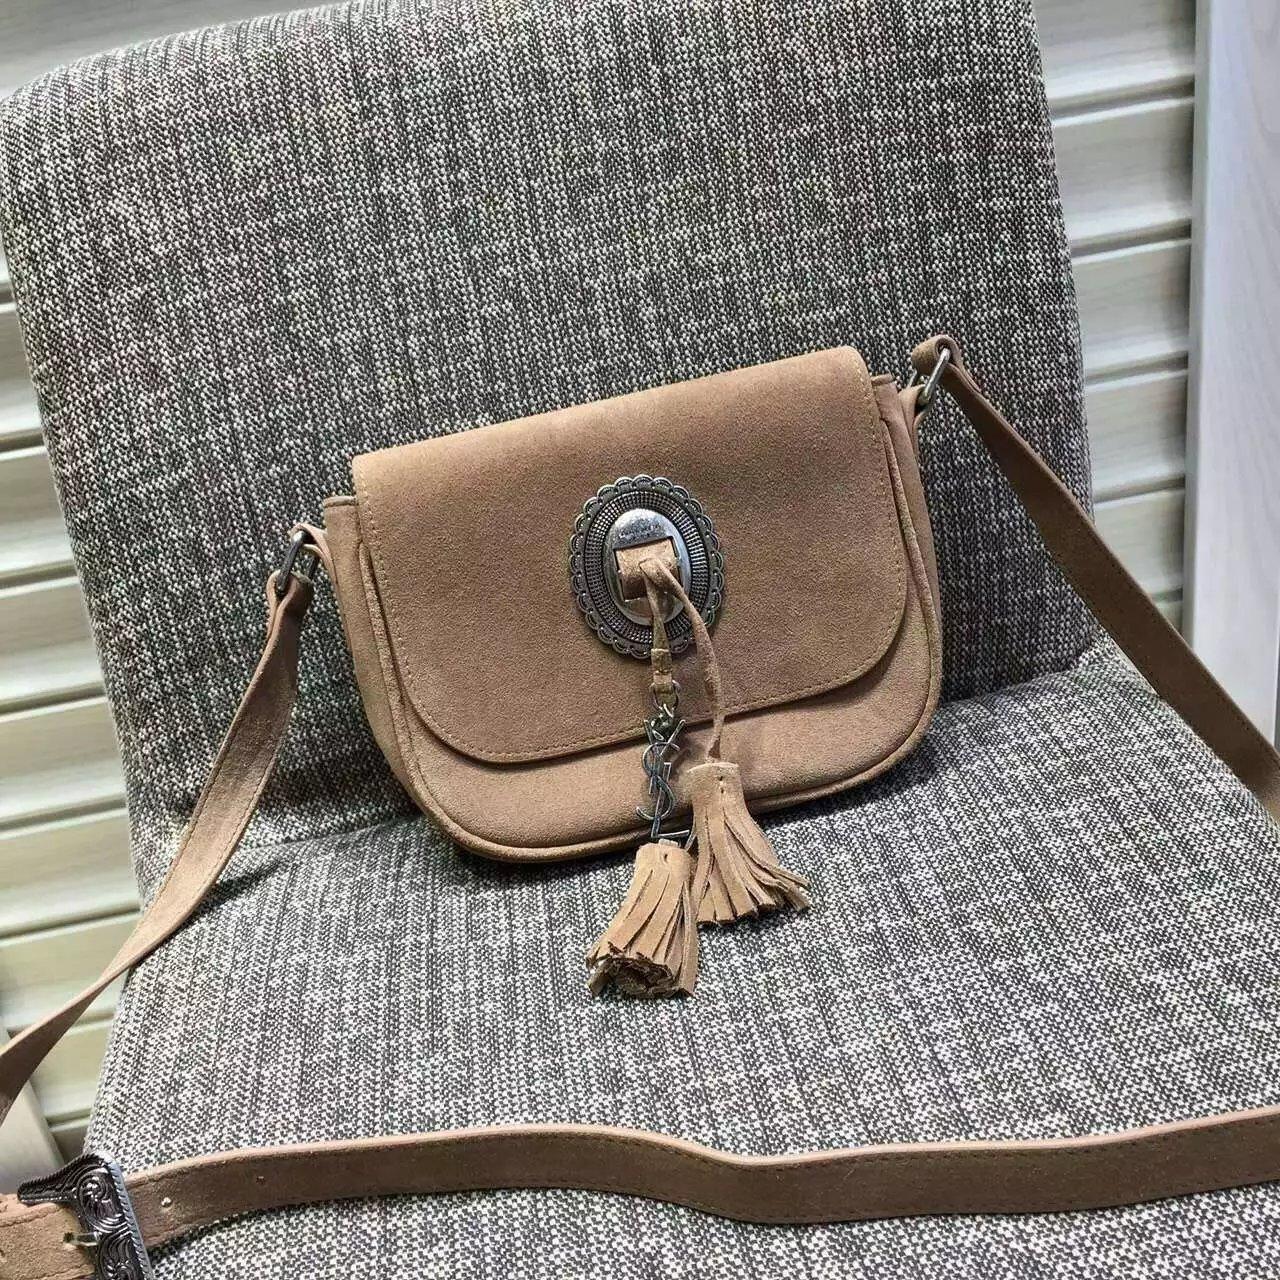 3d97caa7e5 Limited Edition!2016 Saint Laurent Bags Cheap Sale-Saint Laurent Kim Cross  Bag in